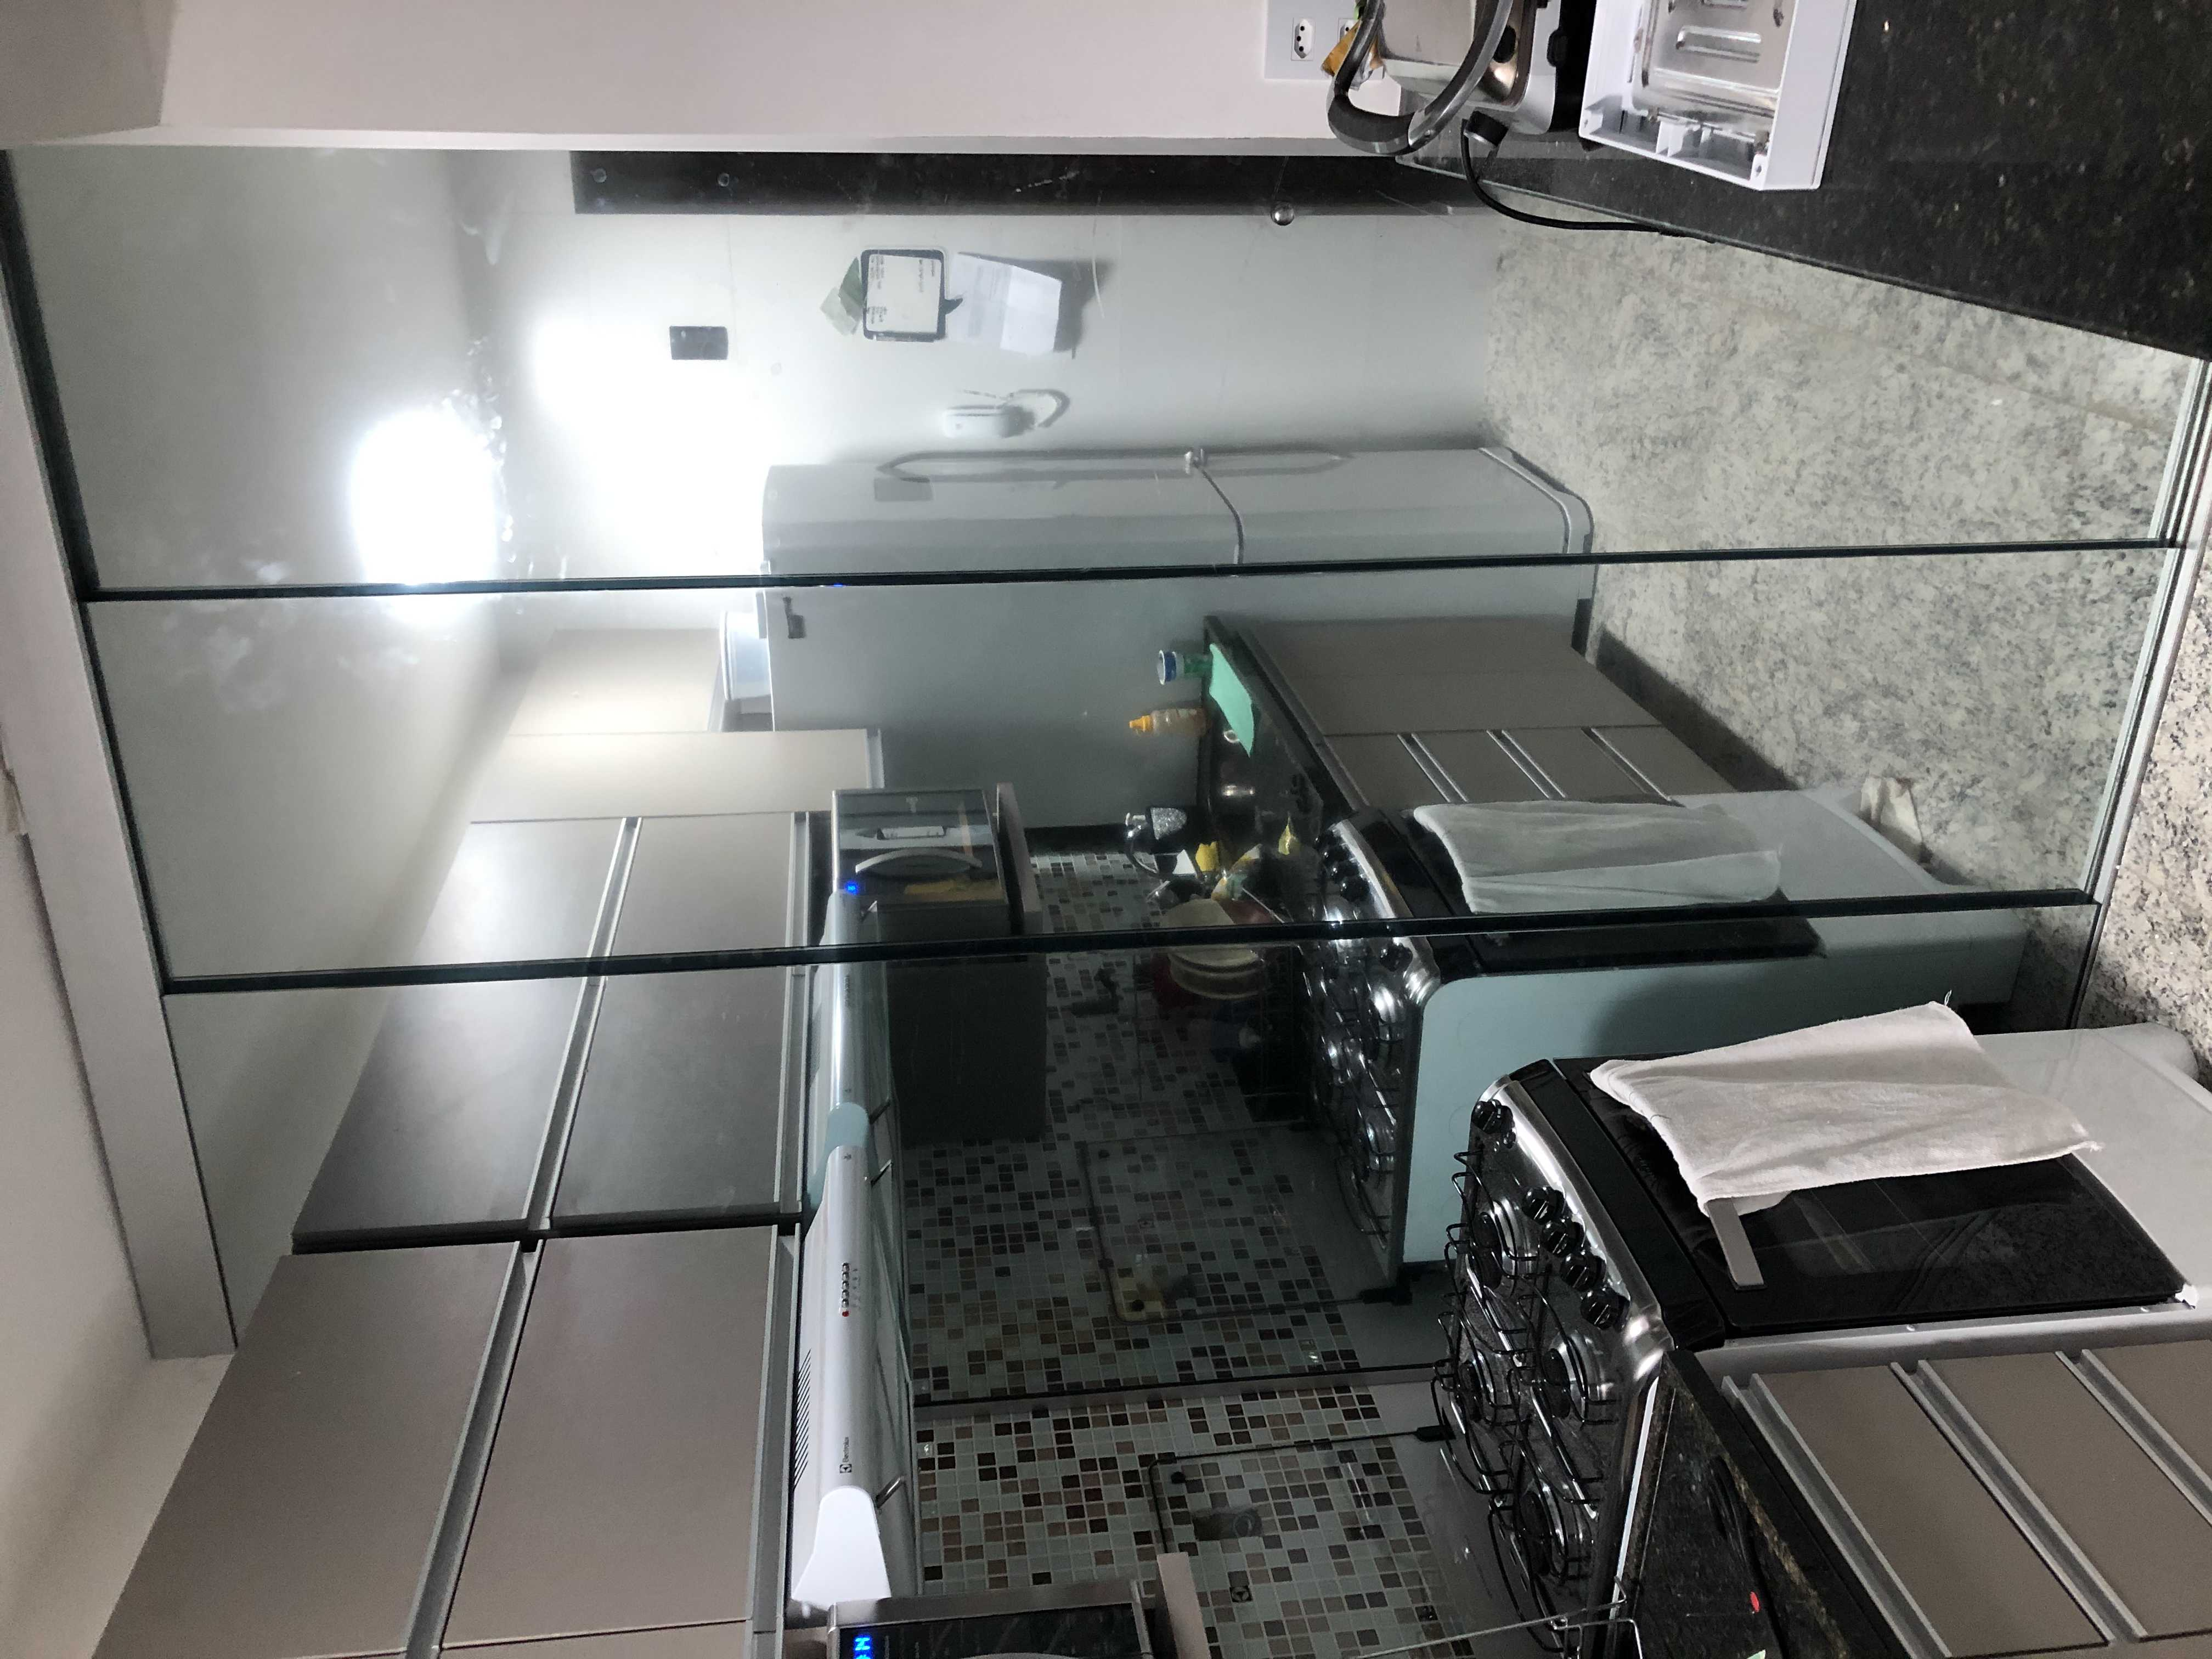 Divisória cozinha/área de serviço em vidro incolor temperado 08mm com película prata refletivo.